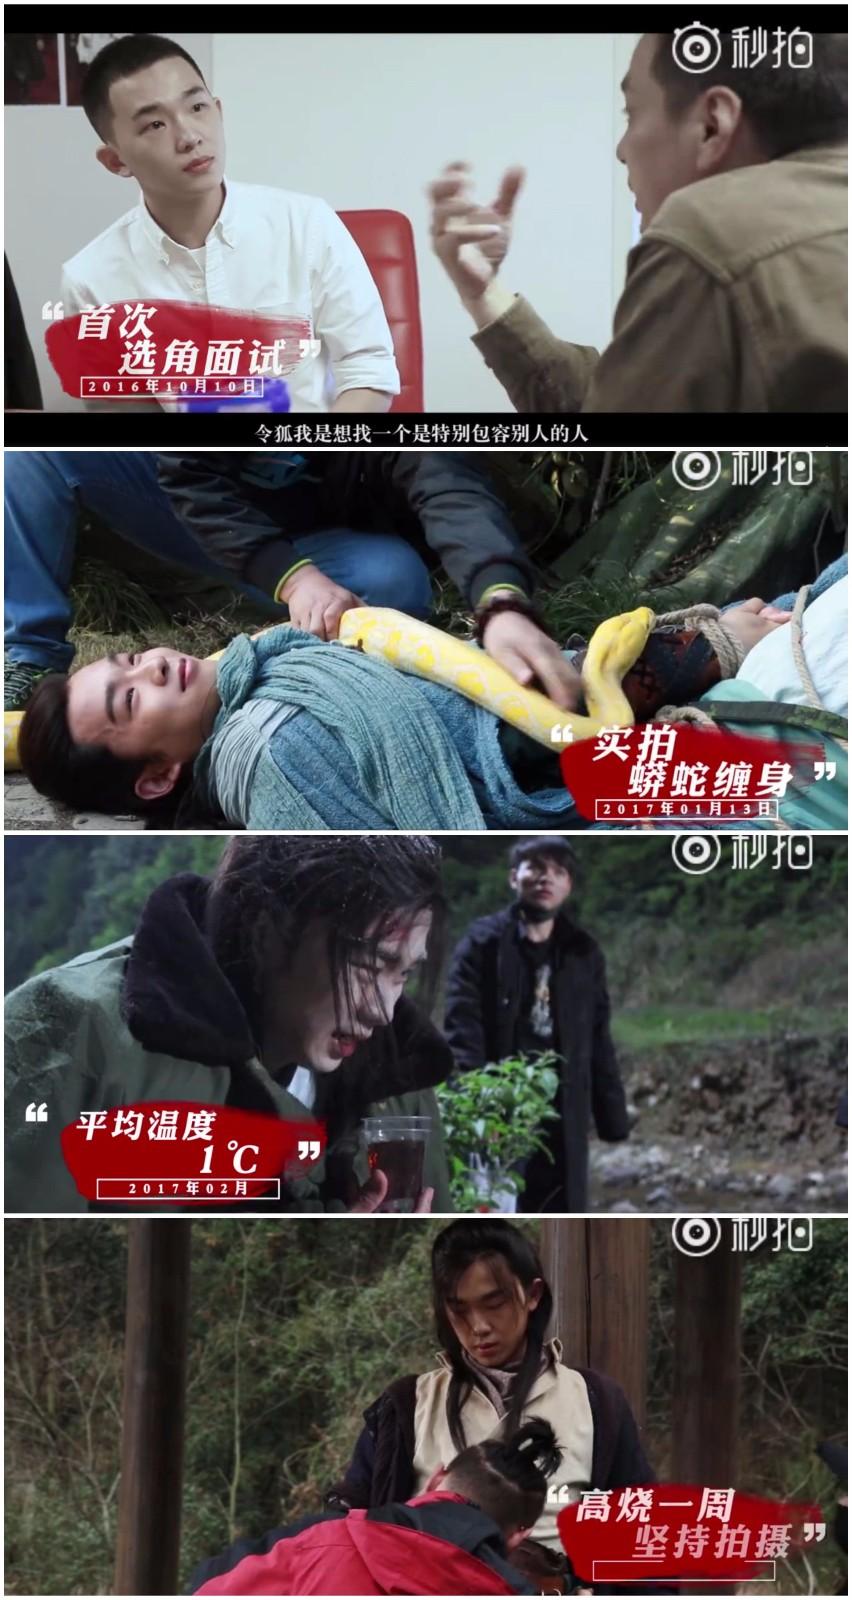 新笑傲江湖》热播 丁冠森版令狐冲渐入佳境 3